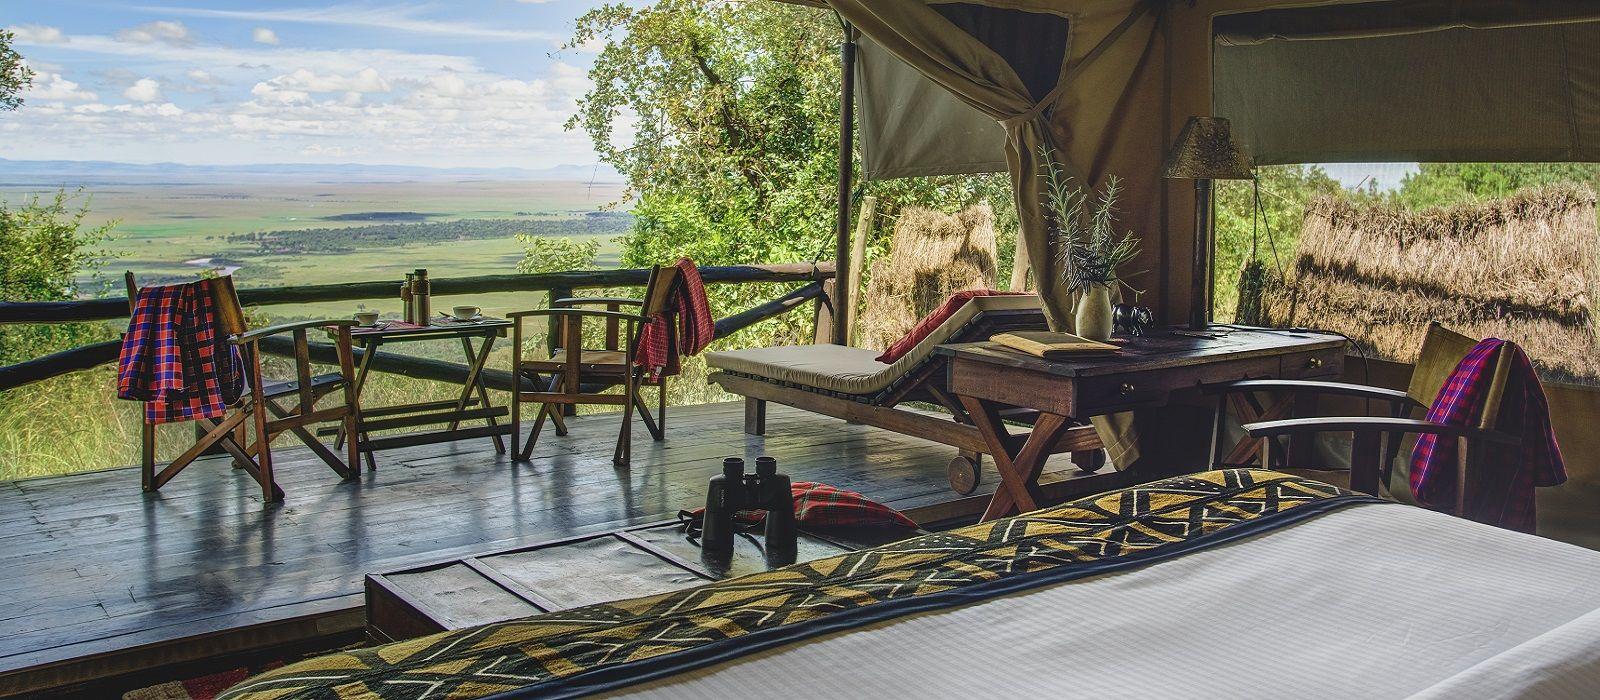 Kilima Camp Kenya DMC